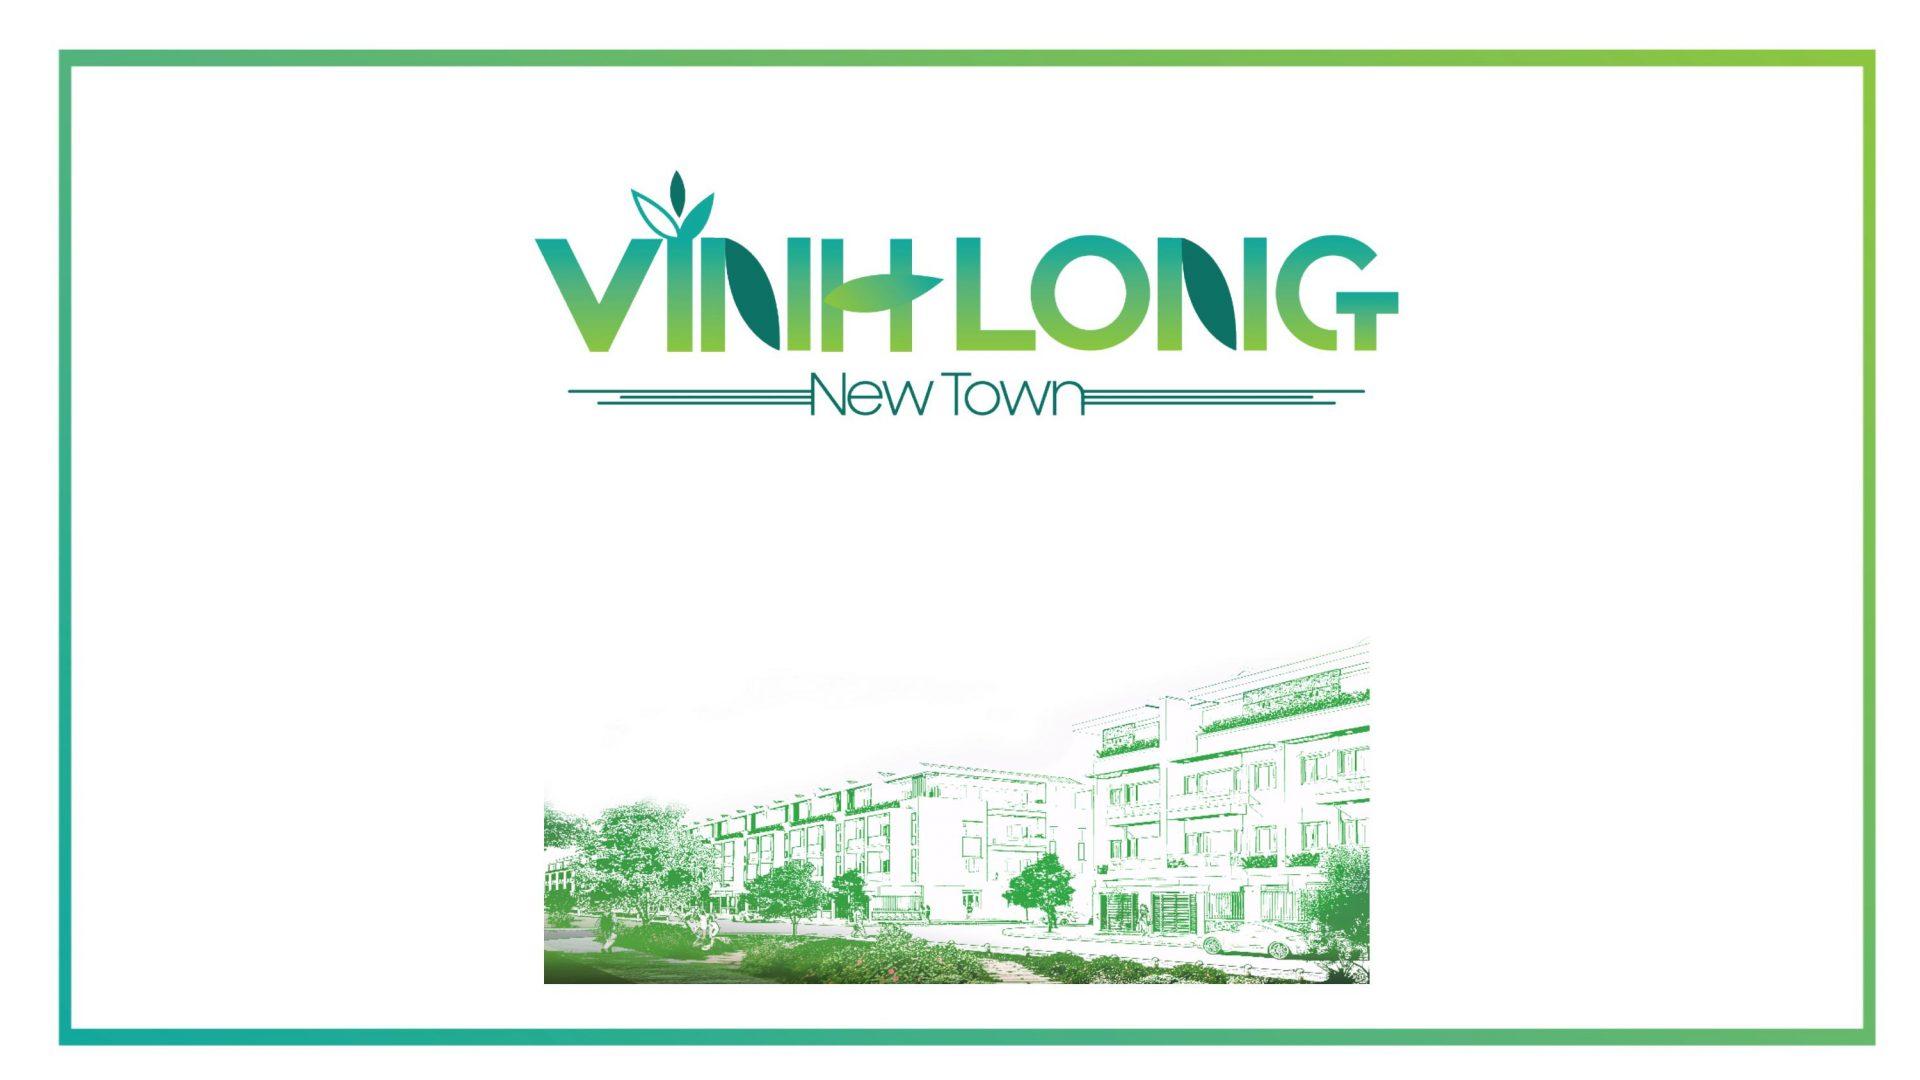 Trân trọng giới thiệu tới khách hàng dự án Vĩnh Long New Town